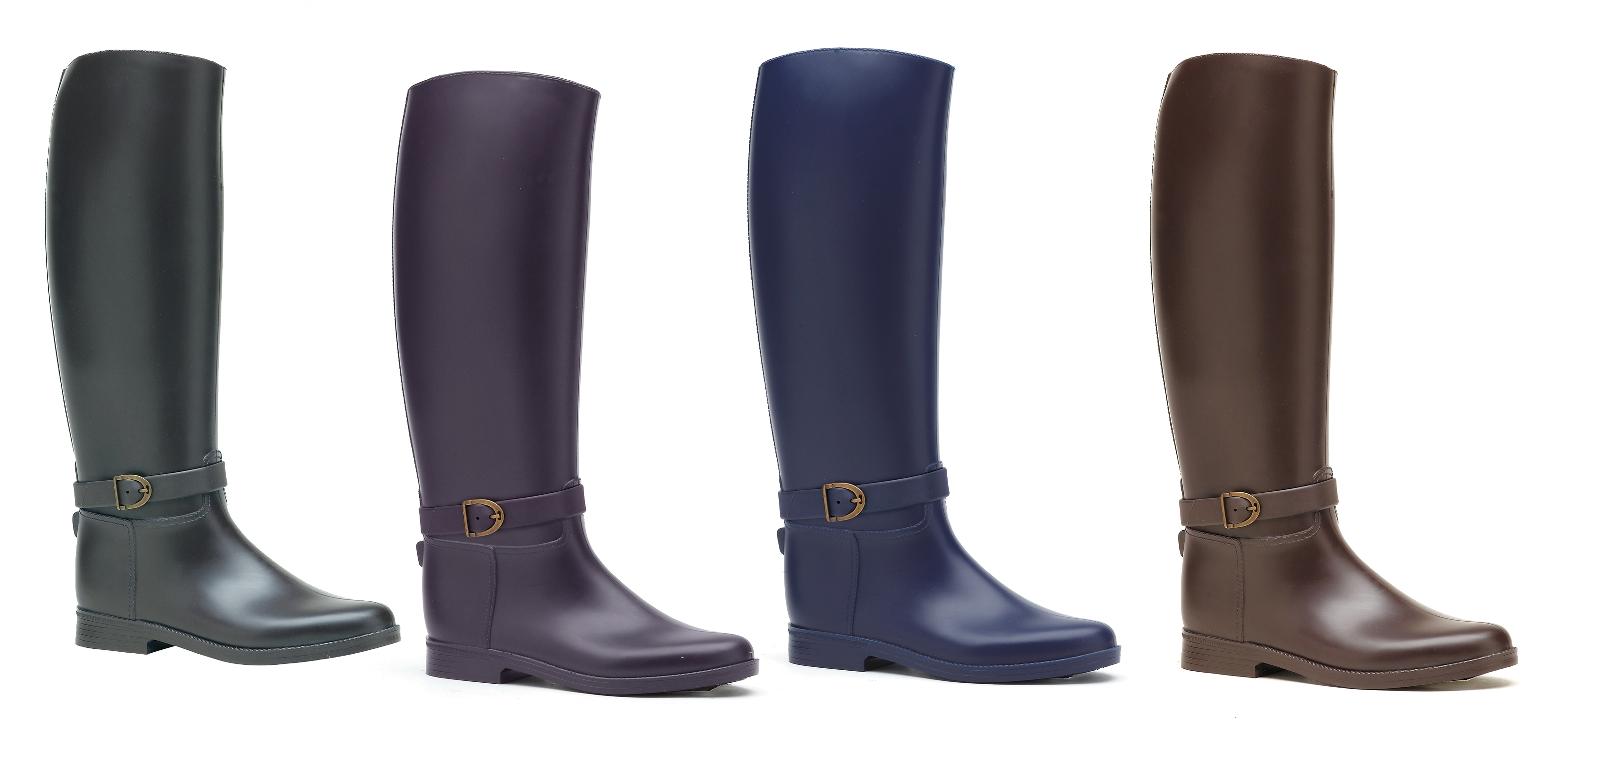 EquiStar Ladies' Paris Rubber Boot